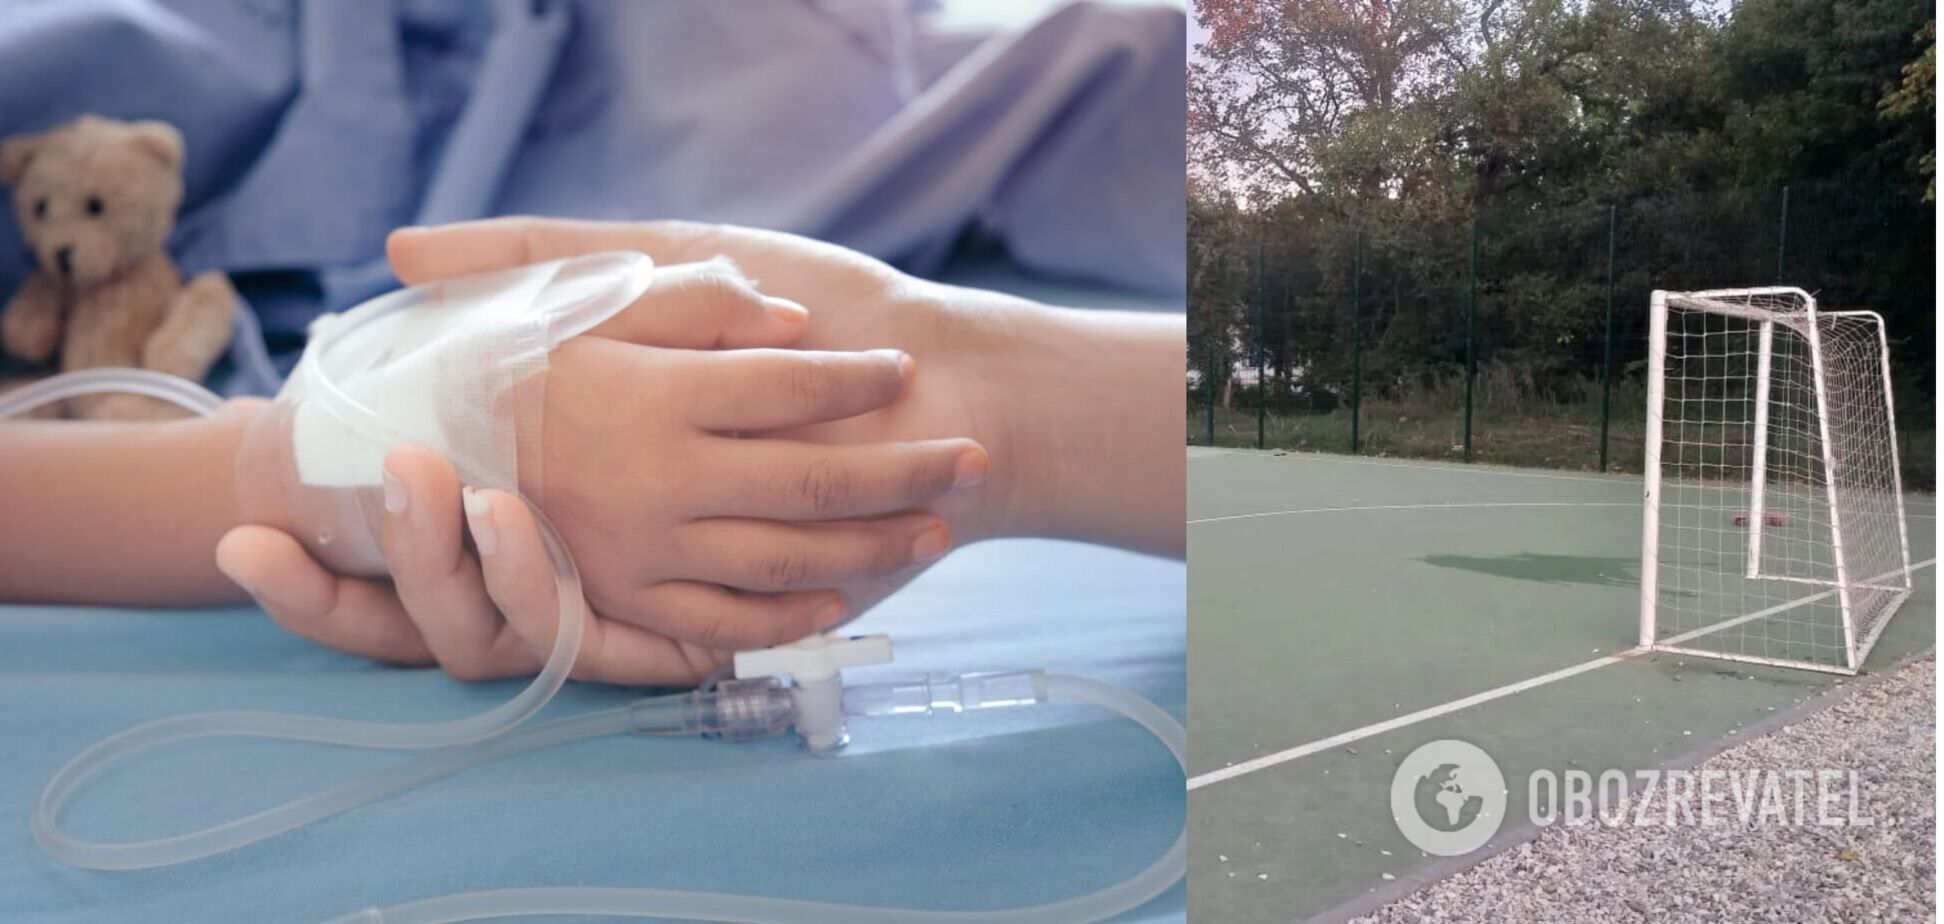 Момент падіння футбольних воріт на школяра в Харкові потрапив на відео: за його життя борються лікарі